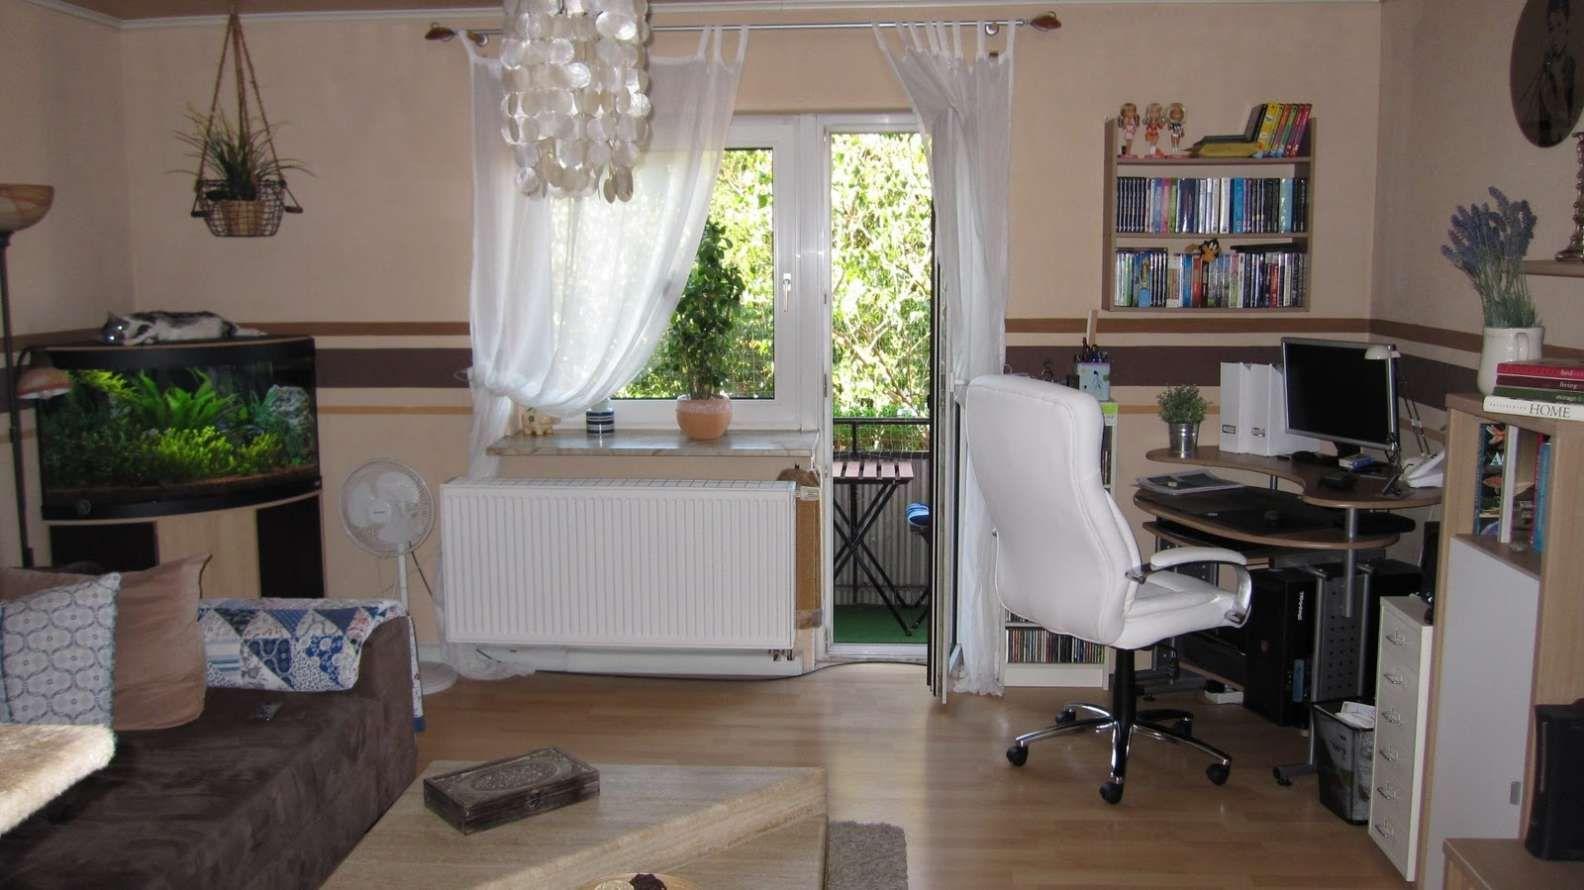 10 Qm Zimmer Einrichten Home Ideen Schlafzimmer Inneneinrichtung Wohnzimmer Wohnzimmerideen Einrichten Dekoration Dekorationsideen Wohnideen